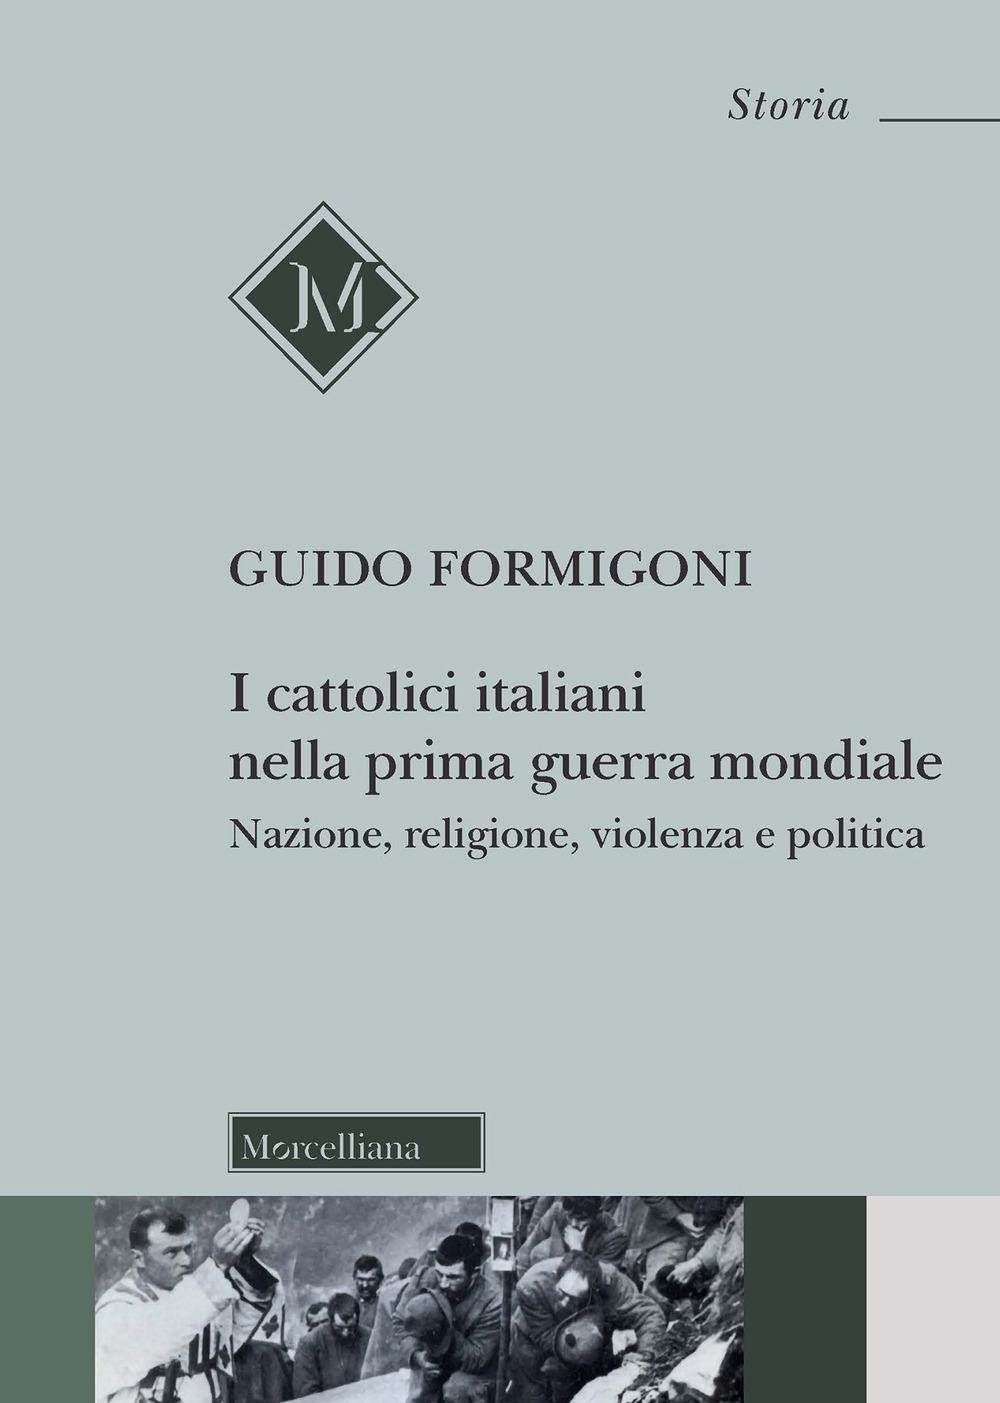 I Cattolici italiani nella prima guerra mondiale. Nazione, religione, violenza e politica